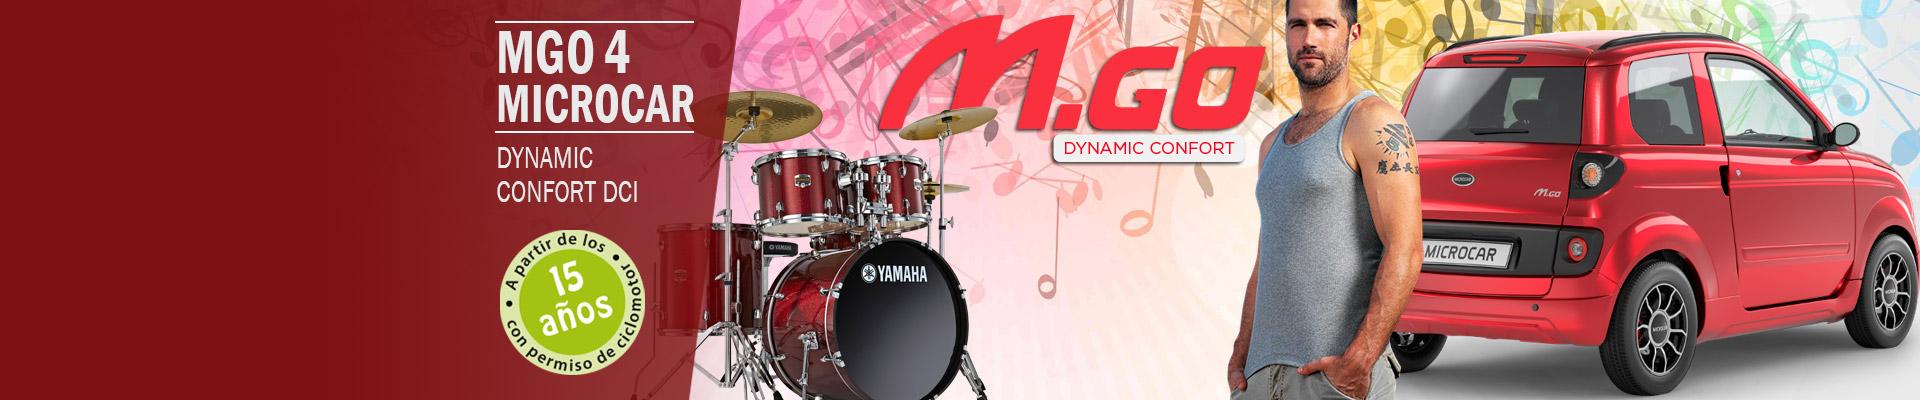 Descubre el Microcar MG0 Dynamic Confort DCI